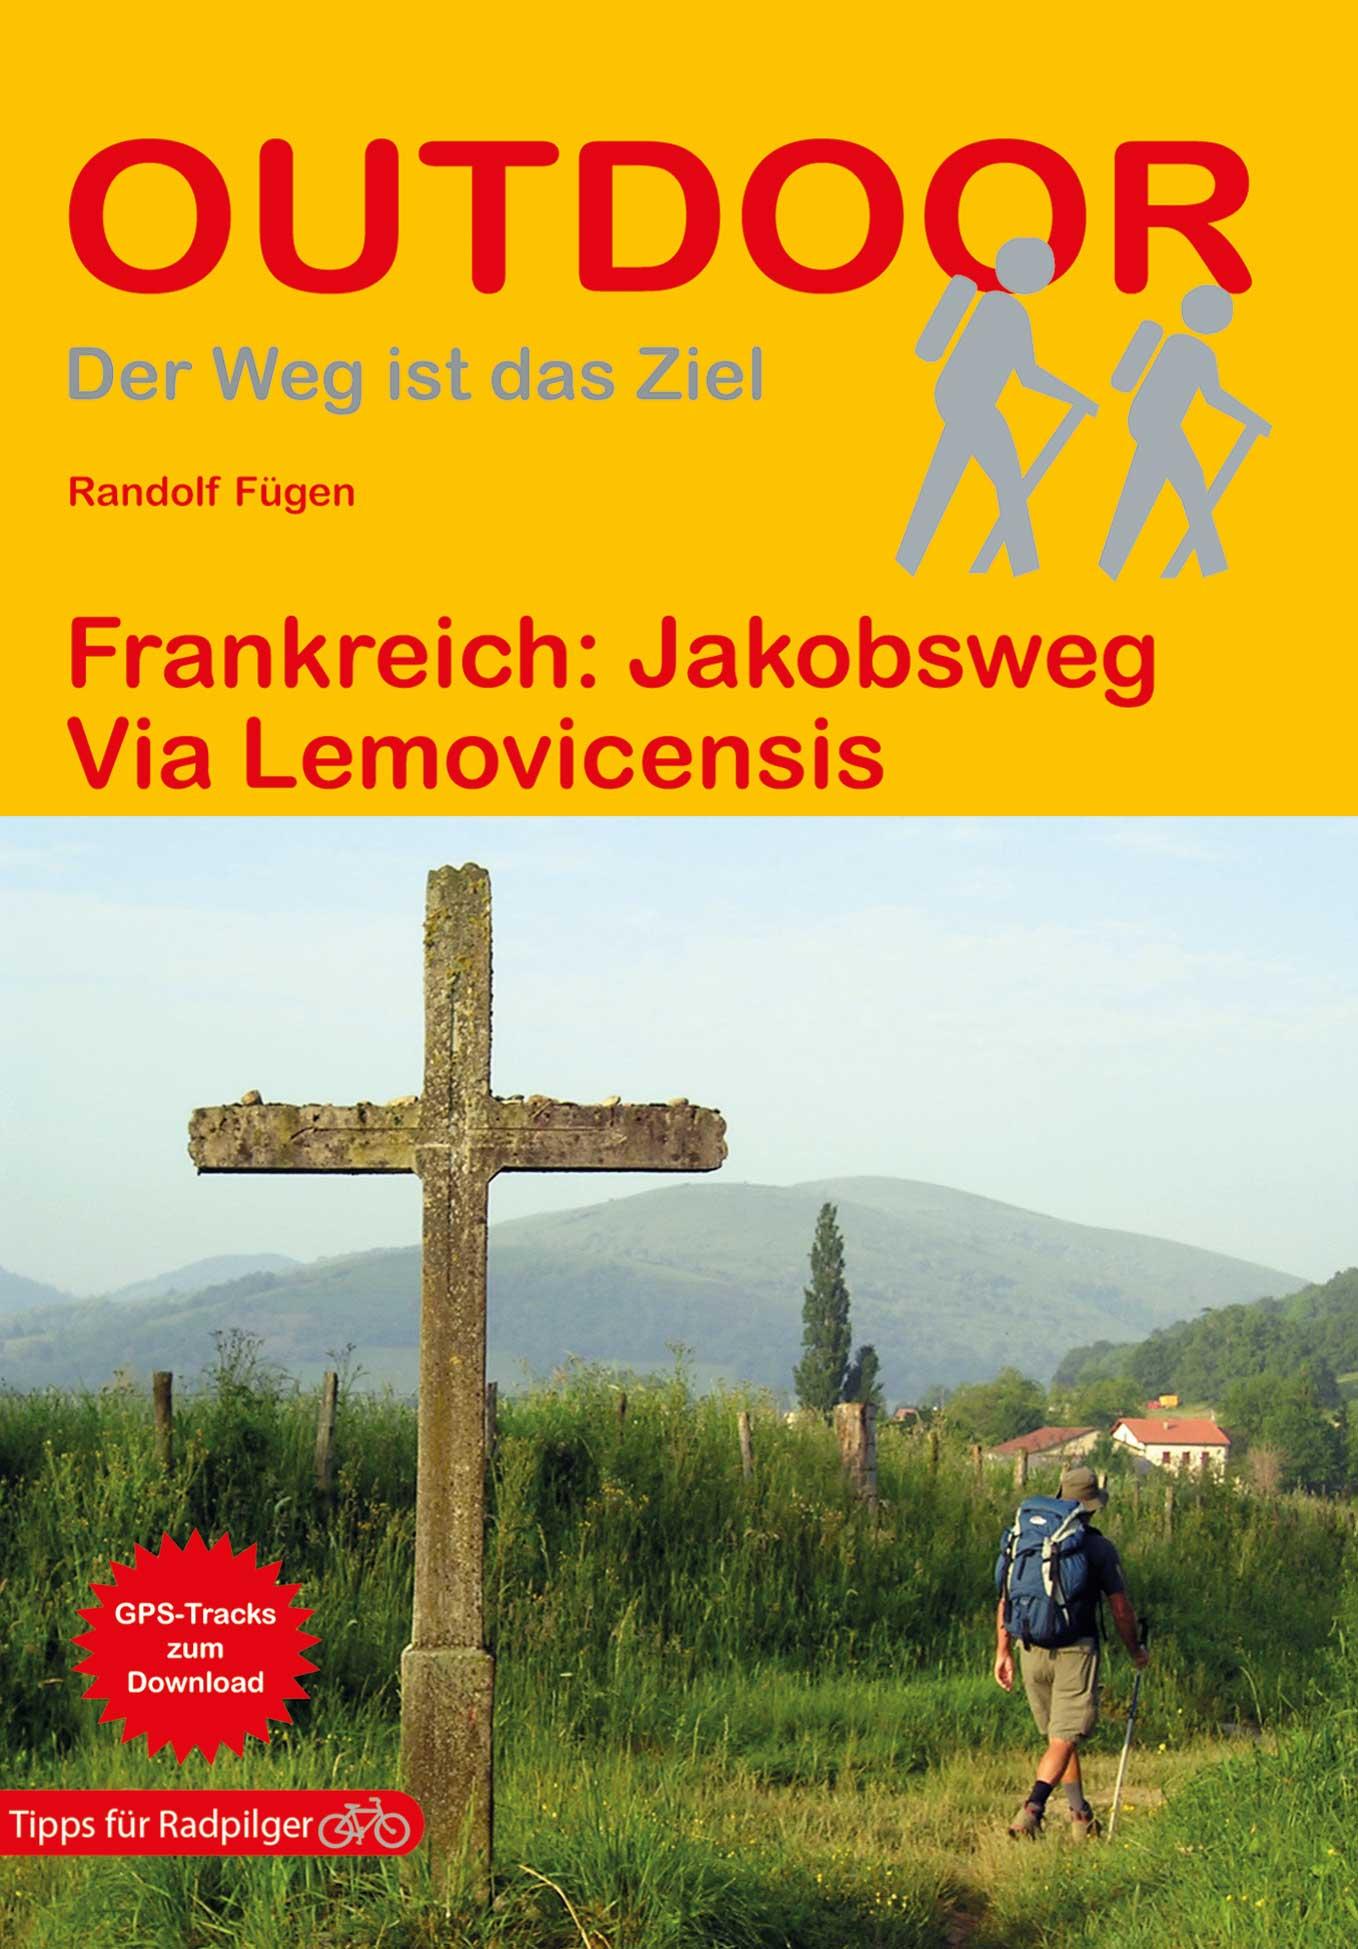 Jakobsweg Via Lemovicensis | wandelgids Jacobsroute 9783866866478  Conrad Stein Verlag Outdoor - Der Weg ist das Ziel  Santiago de Compostela, Wandelgidsen Frankrijk